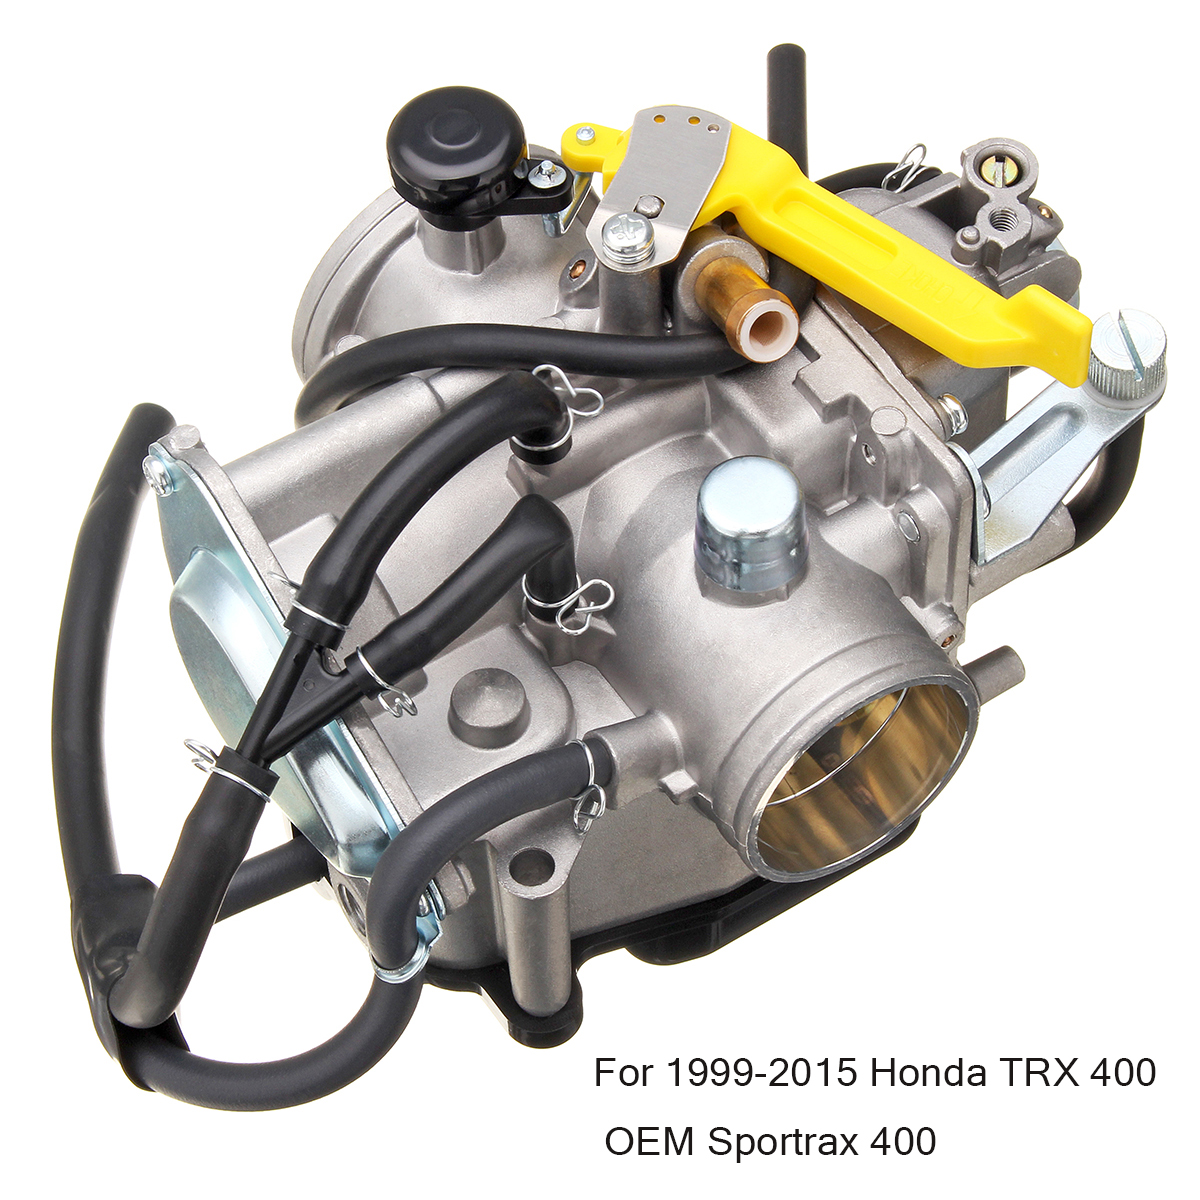 Carburetor Assembly Carb 16100-HN1-A43 For 1999-2015 Honda Sportrax 400 TRX 400